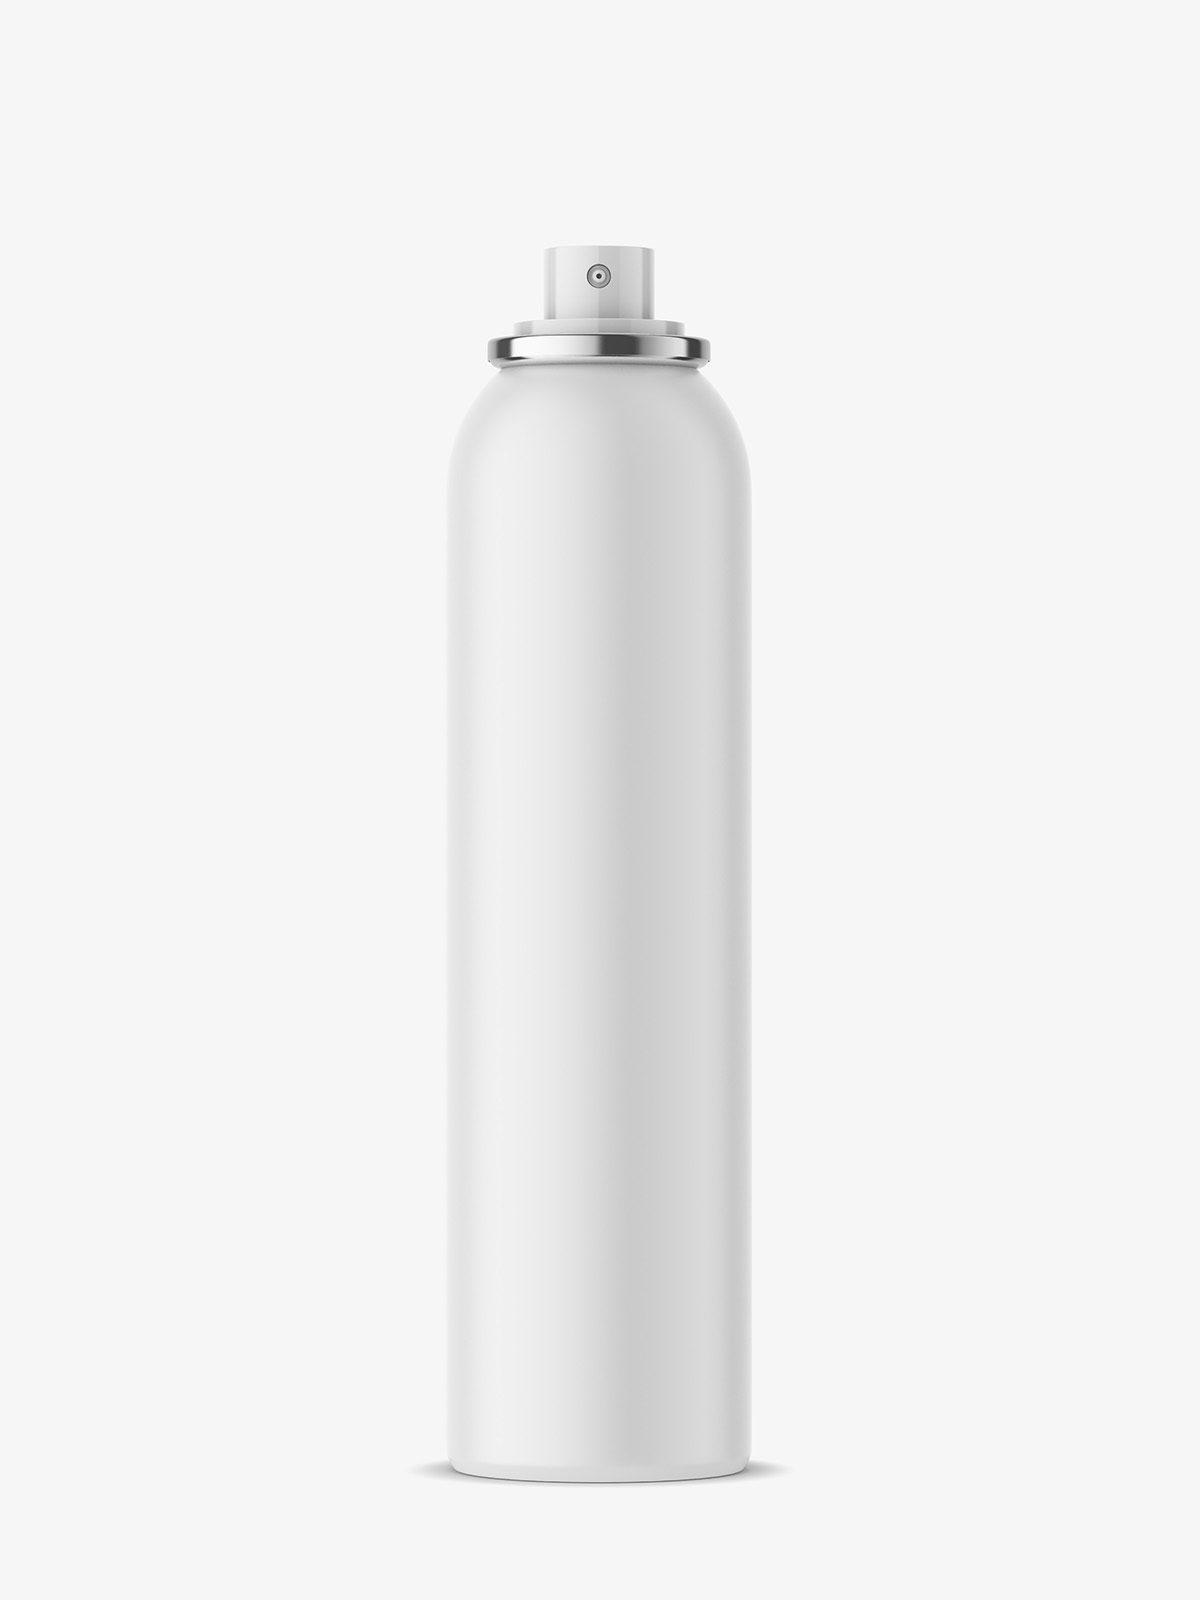 aerosol bottle mock-up